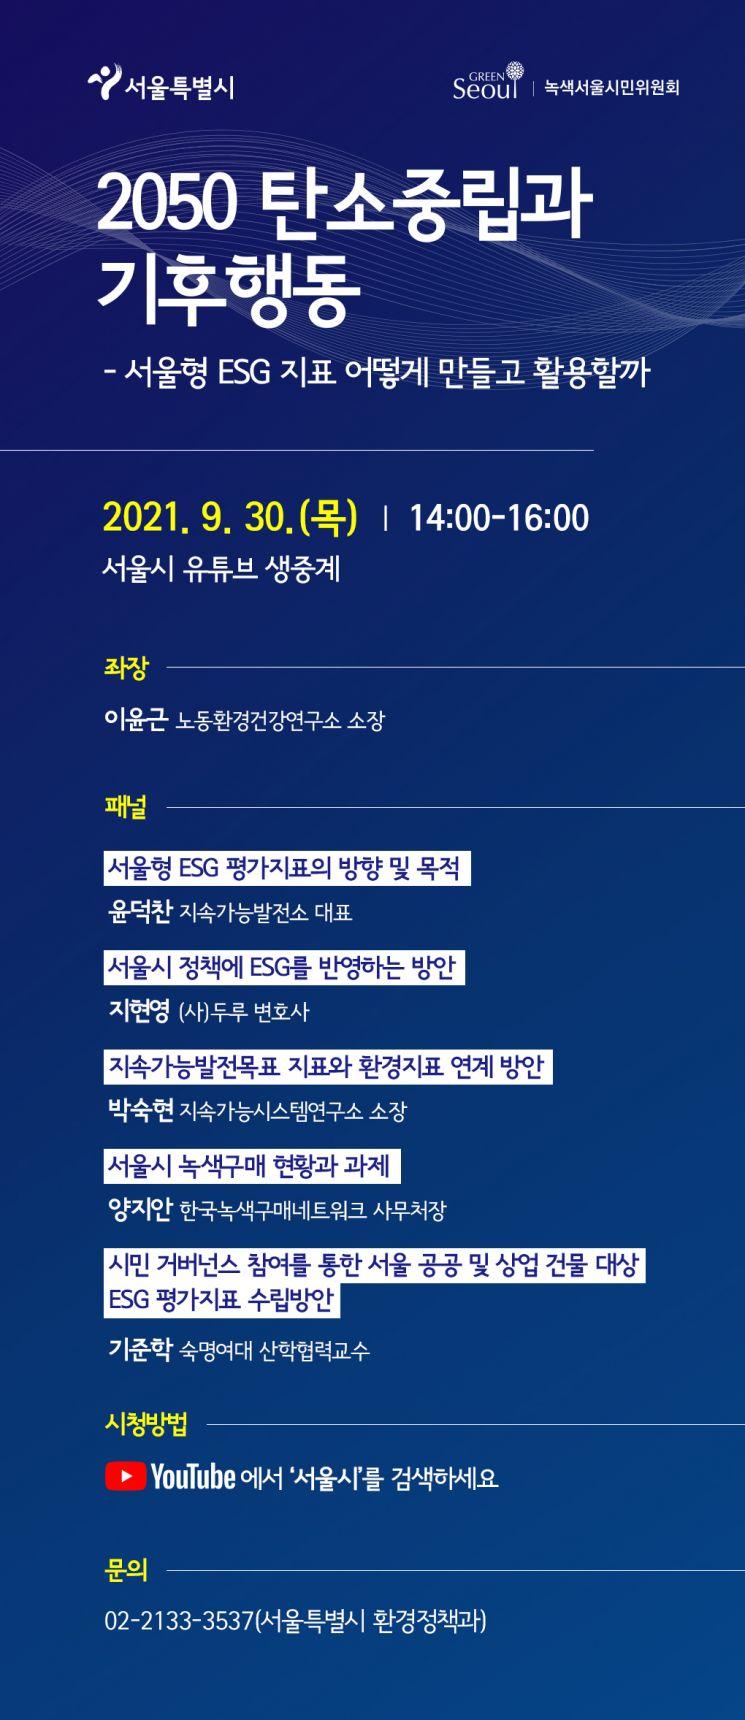 '2050 탄소중립과 기후행동' 서울시, ESG 지표 개발·활용 토론회 개최